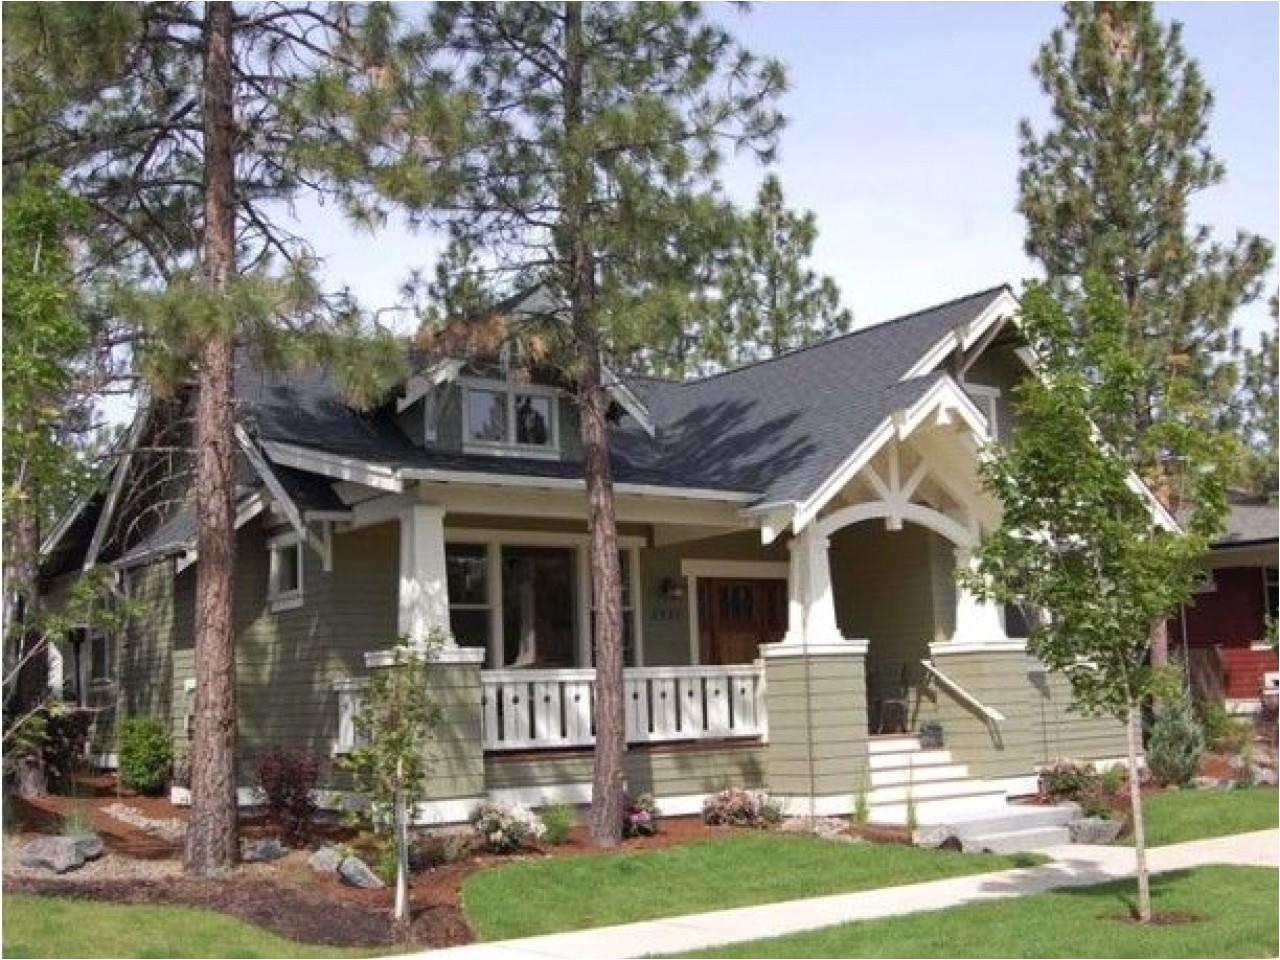 47cfd7578ee81c2f eplans craftsman house plan modern craftsman house plans